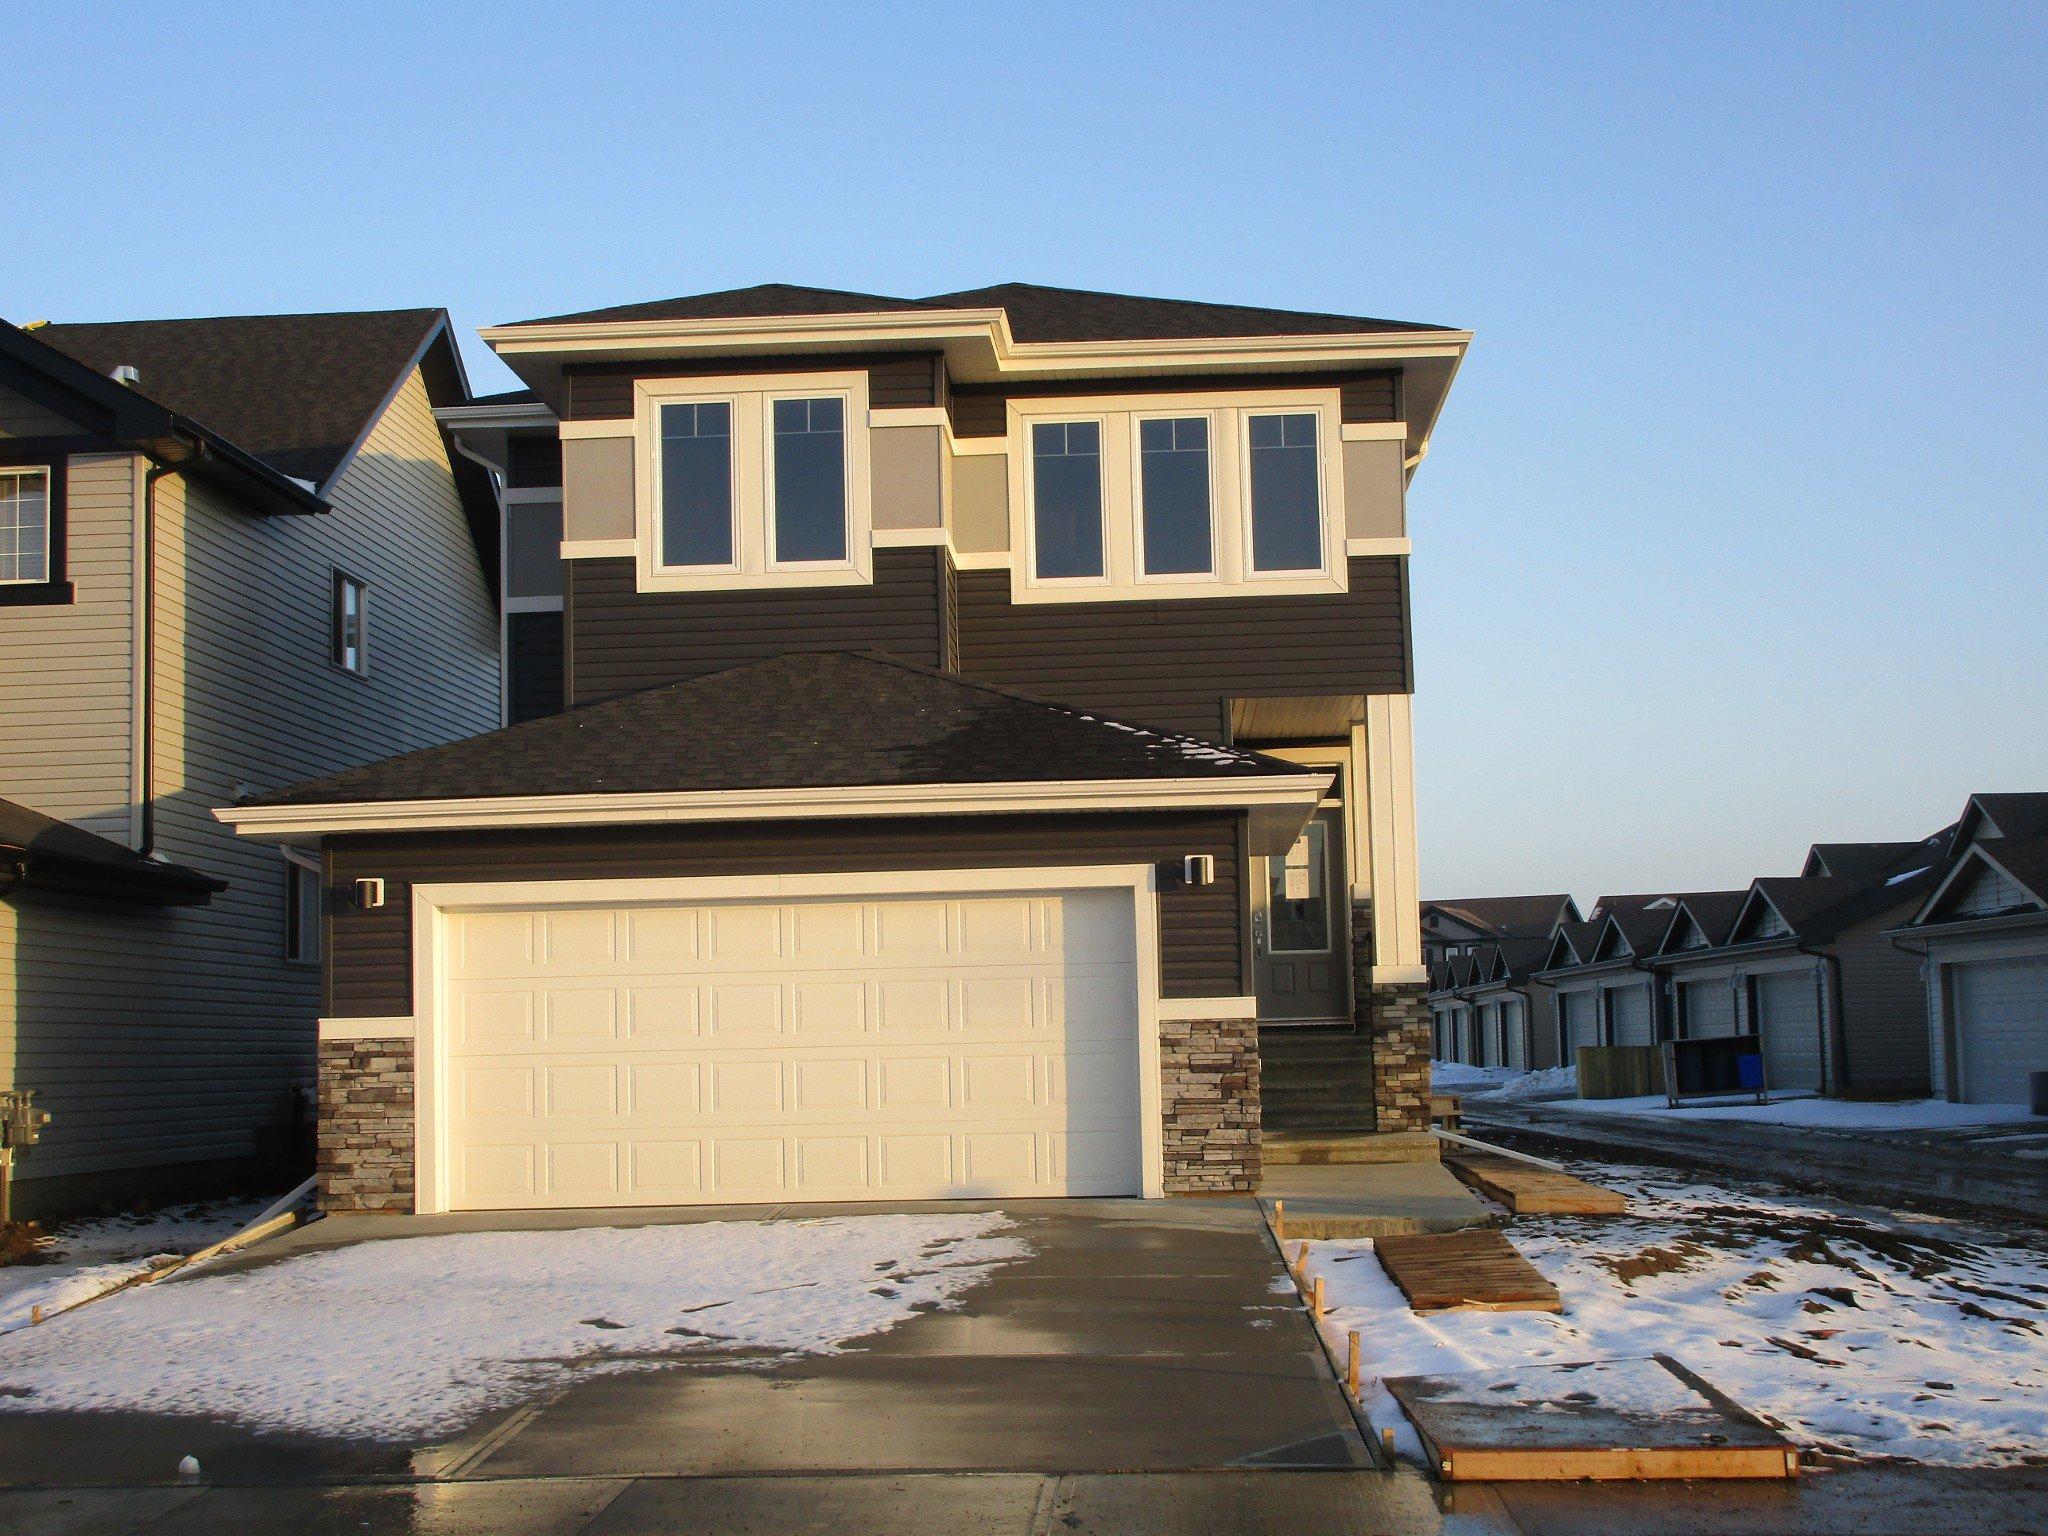 Main Photo: 7515 - 178 Avenue in Edmonton: Basement Suite for rent